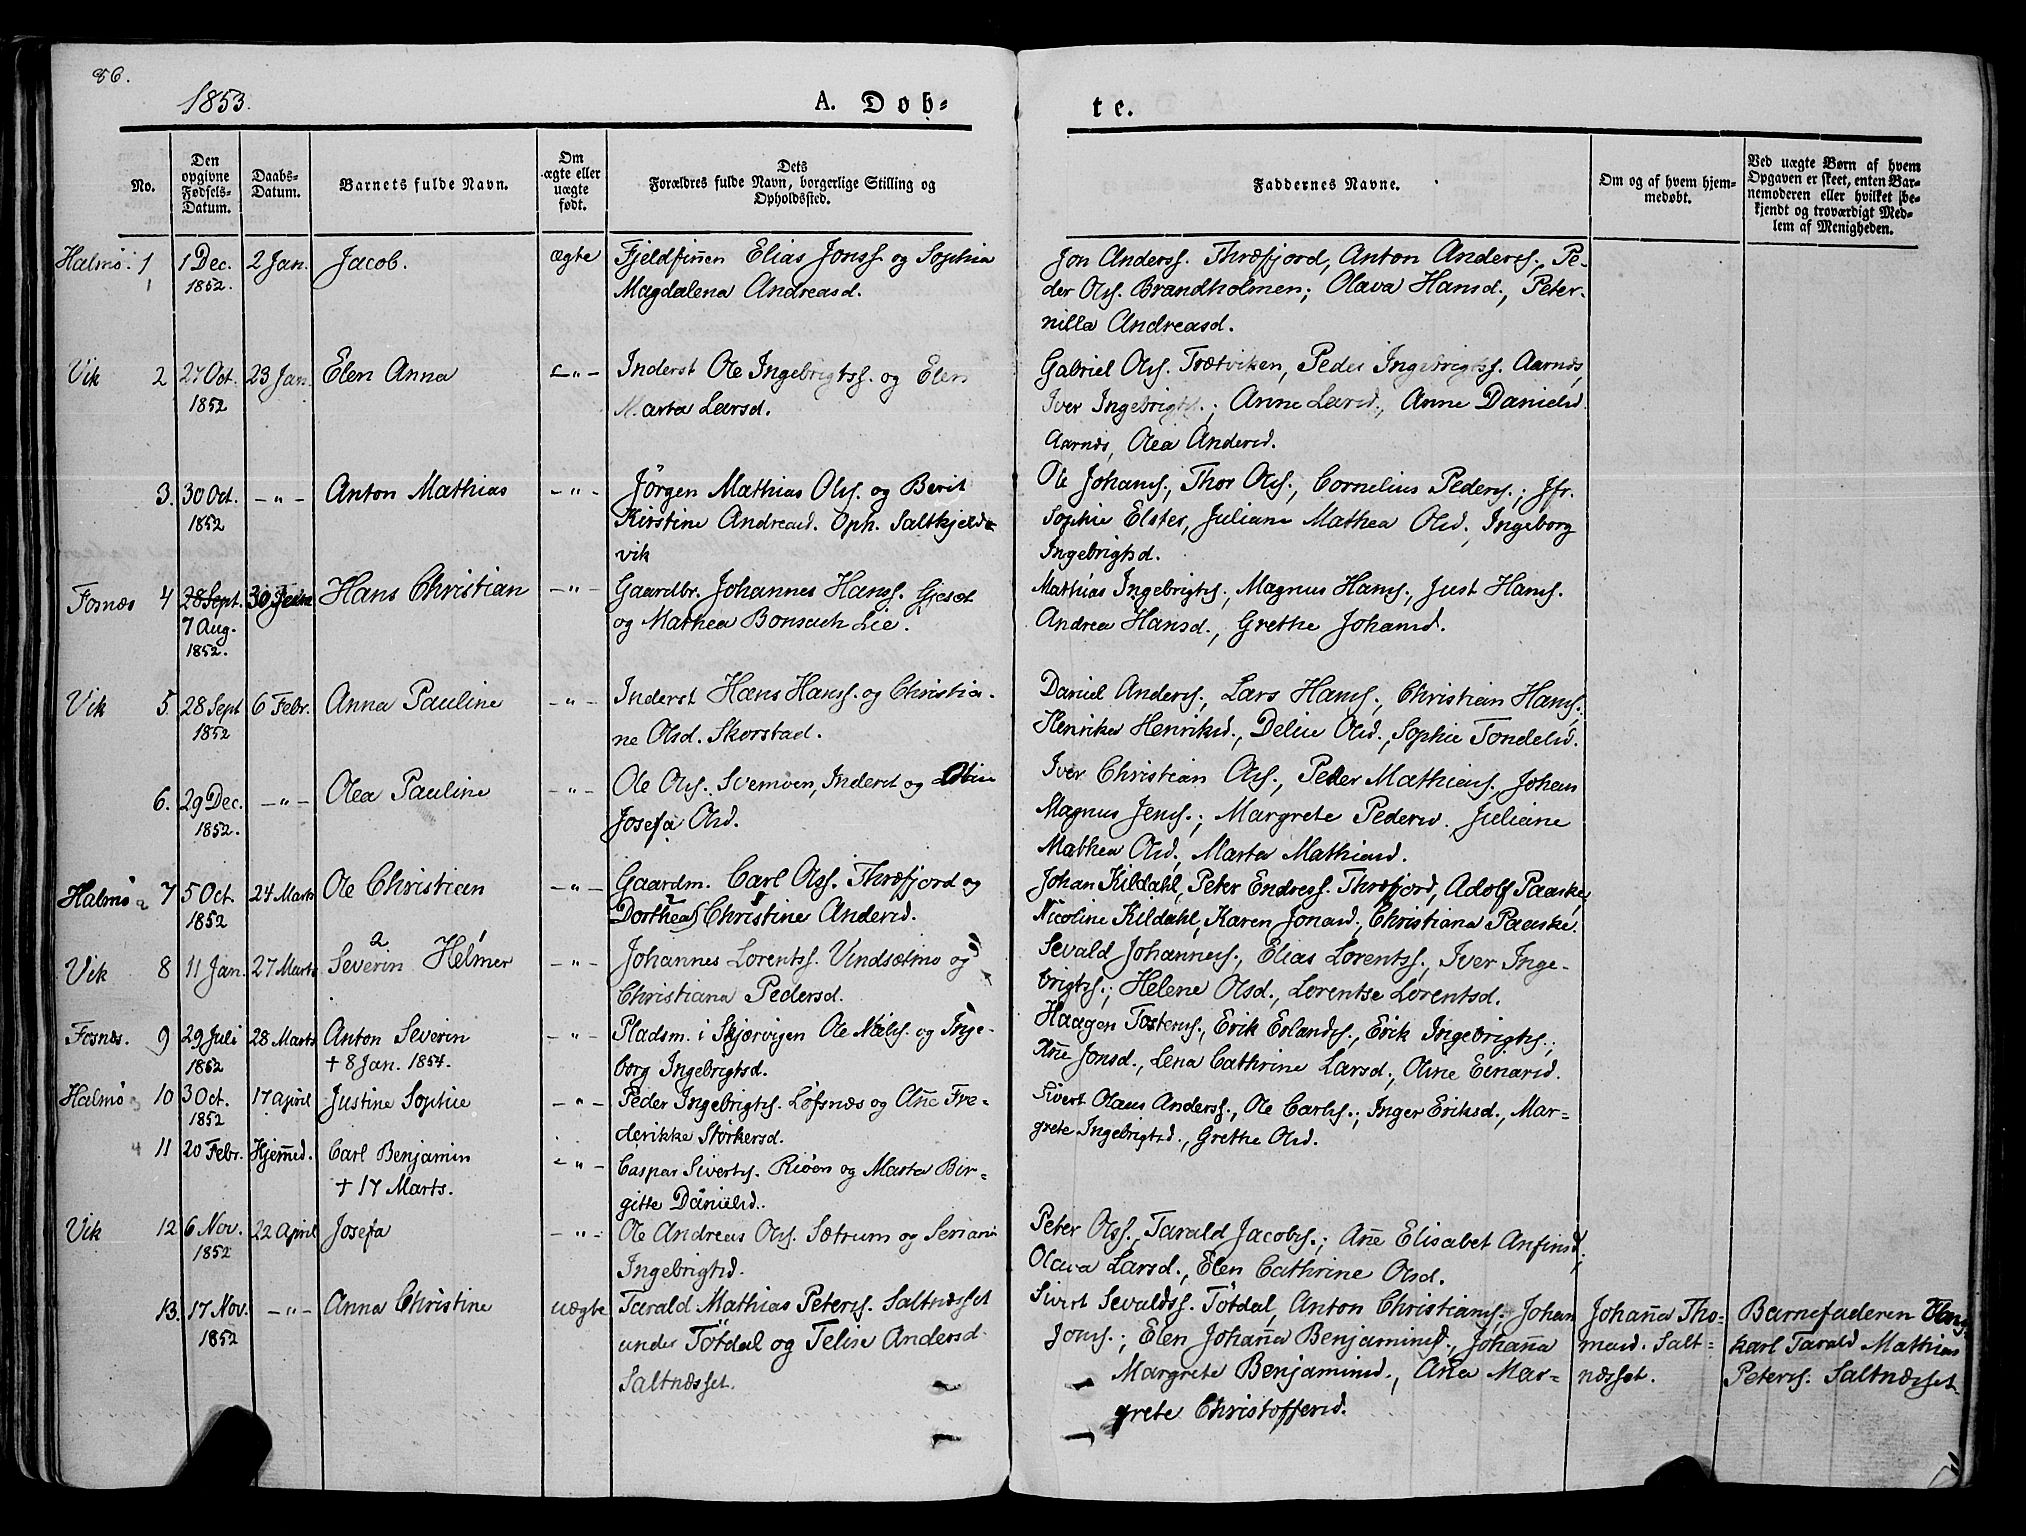 SAT, Ministerialprotokoller, klokkerbøker og fødselsregistre - Nord-Trøndelag, 773/L0614: Ministerialbok nr. 773A05, 1831-1856, s. 86